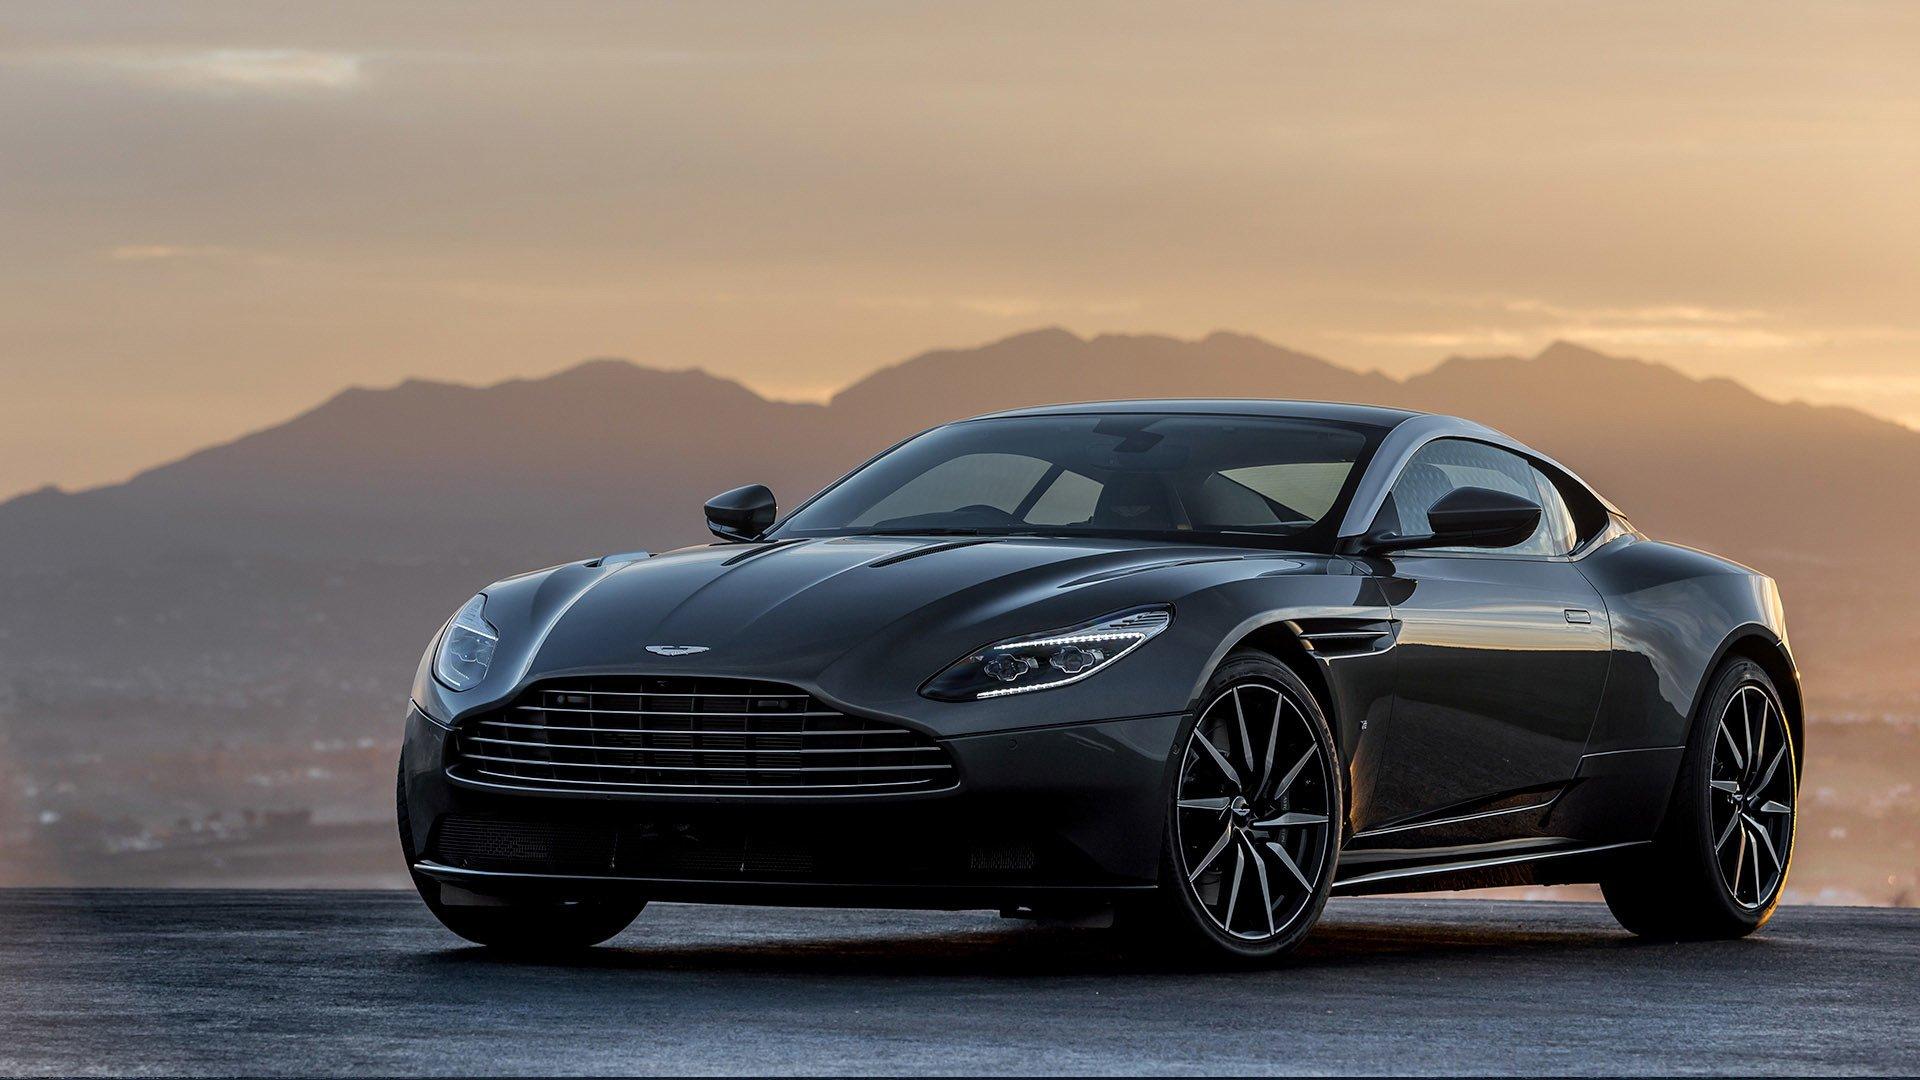 Aston Martin Db11 Fondo De Pantalla Hd Fondo De Escritorio